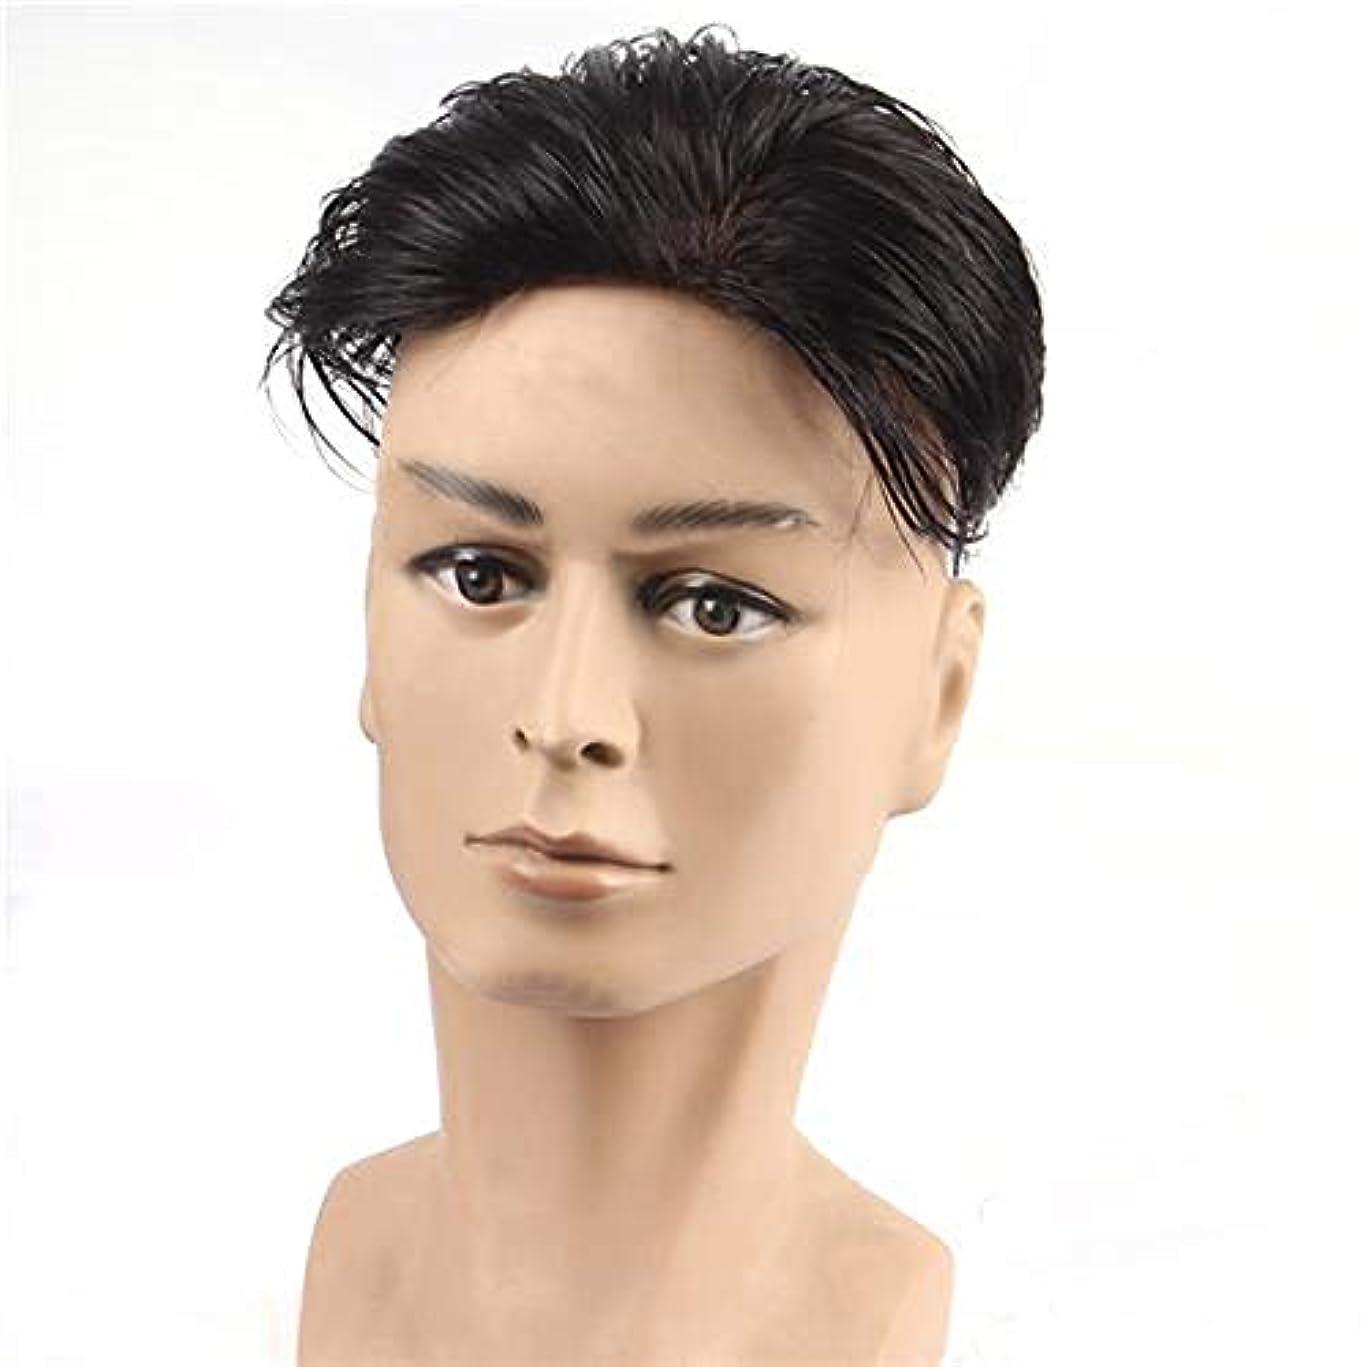 習慣ギタービュッフェYOUQIU 黒人男性ガイショートレイヤーカーリー波状のアニメのコスプレパーティーの髪カツラウィッグ (色 : Natural black, サイズ : 18x20)